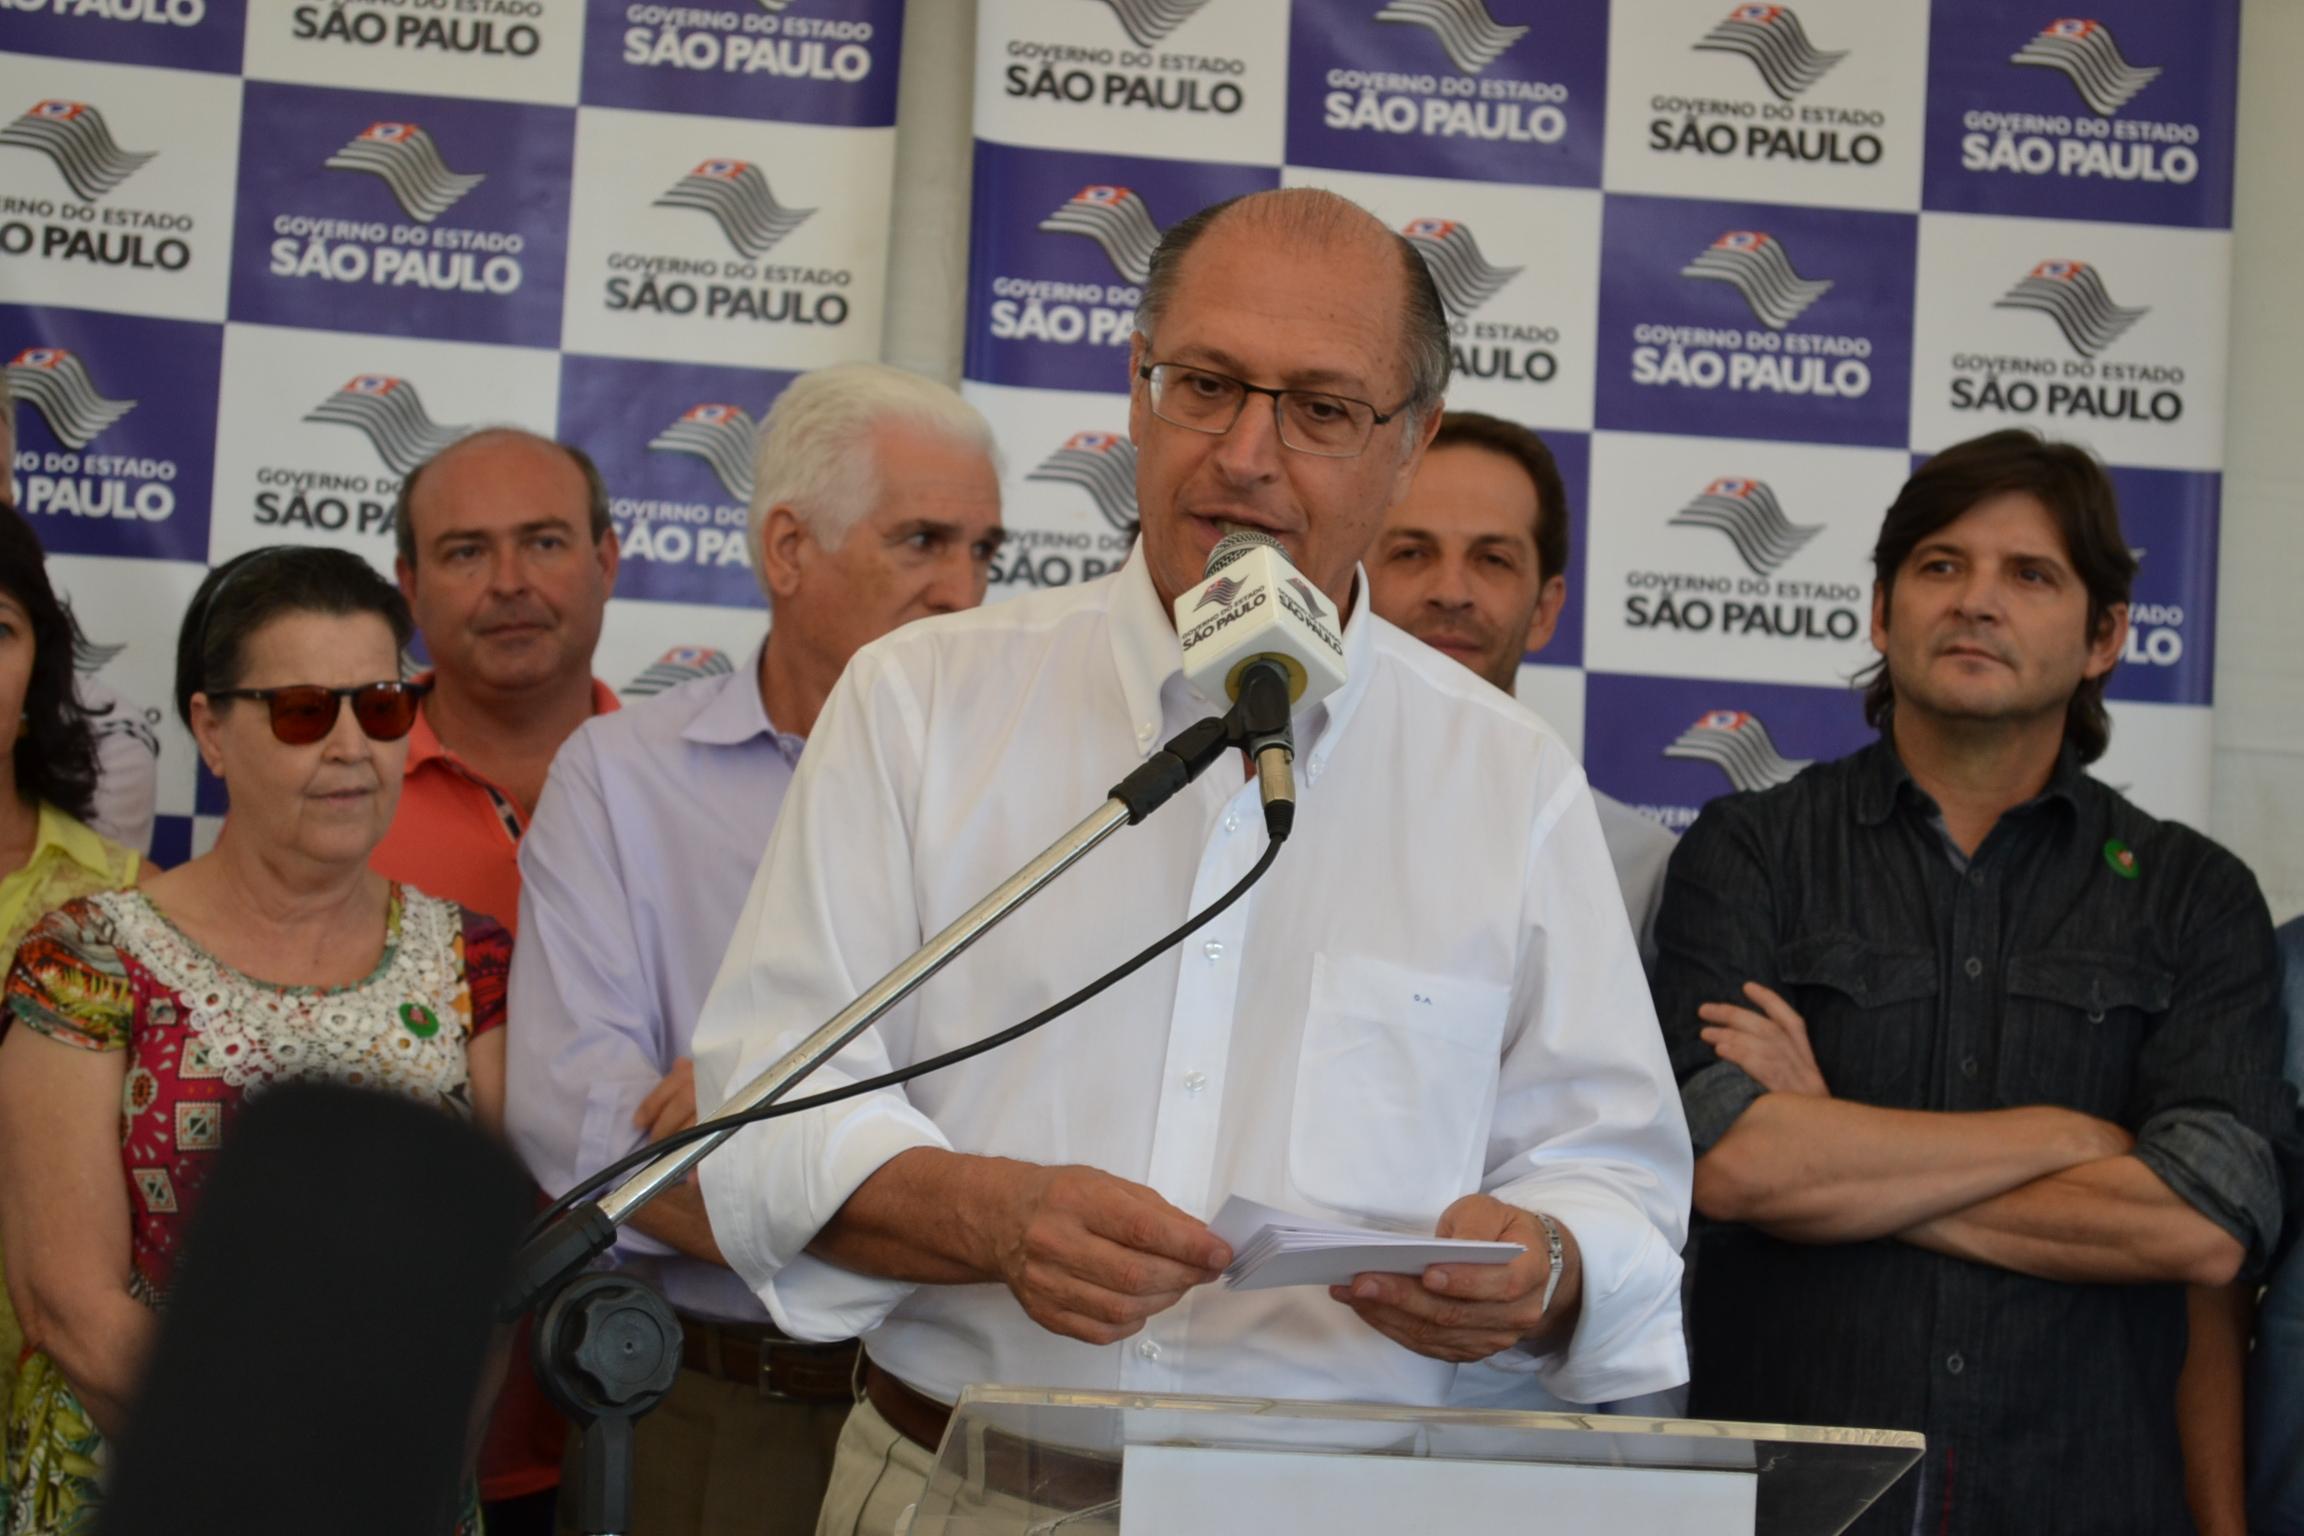 Deputado André do Prado acompanha o governador em Rafard